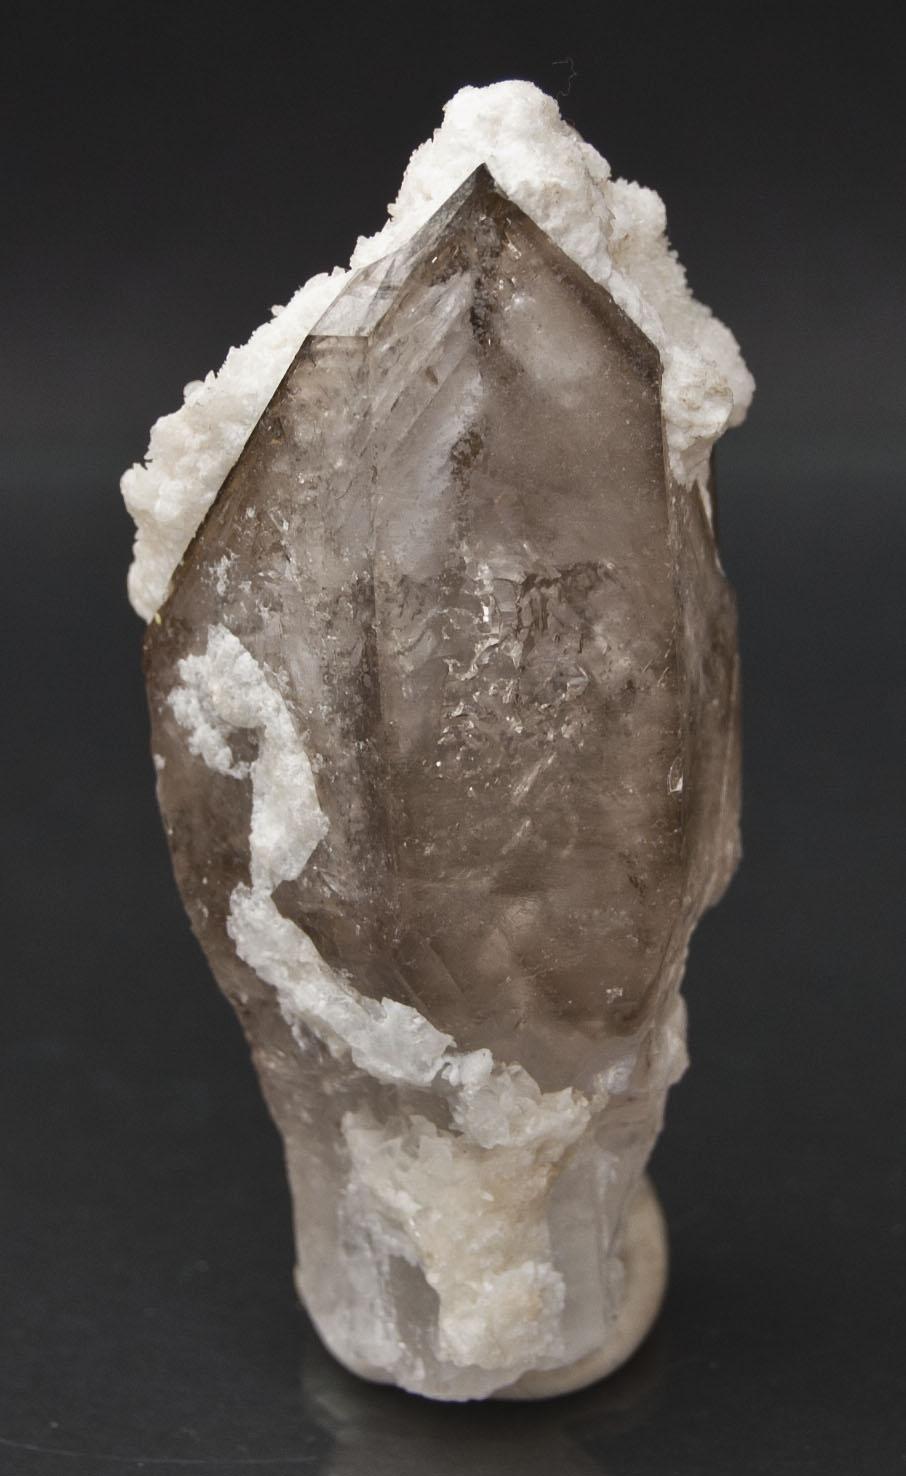 Brandberg Smokey Quartz, Calcite inclusions